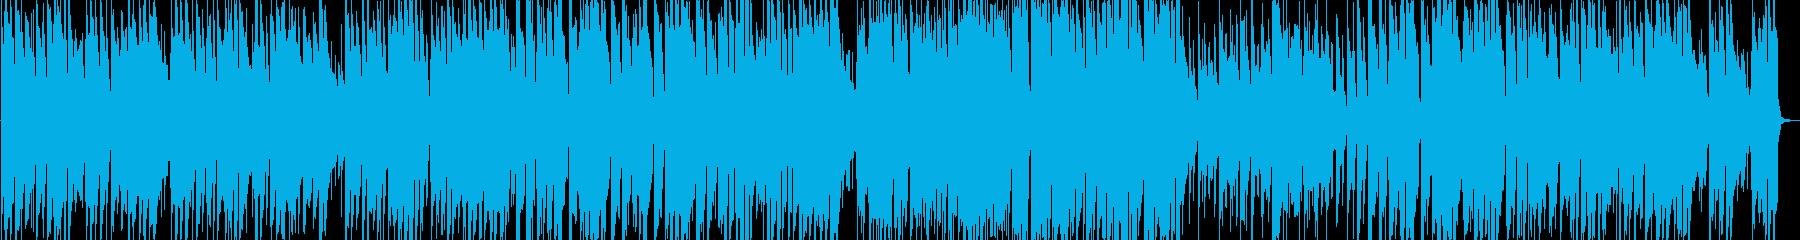 クラシックのジャズアレンジの再生済みの波形